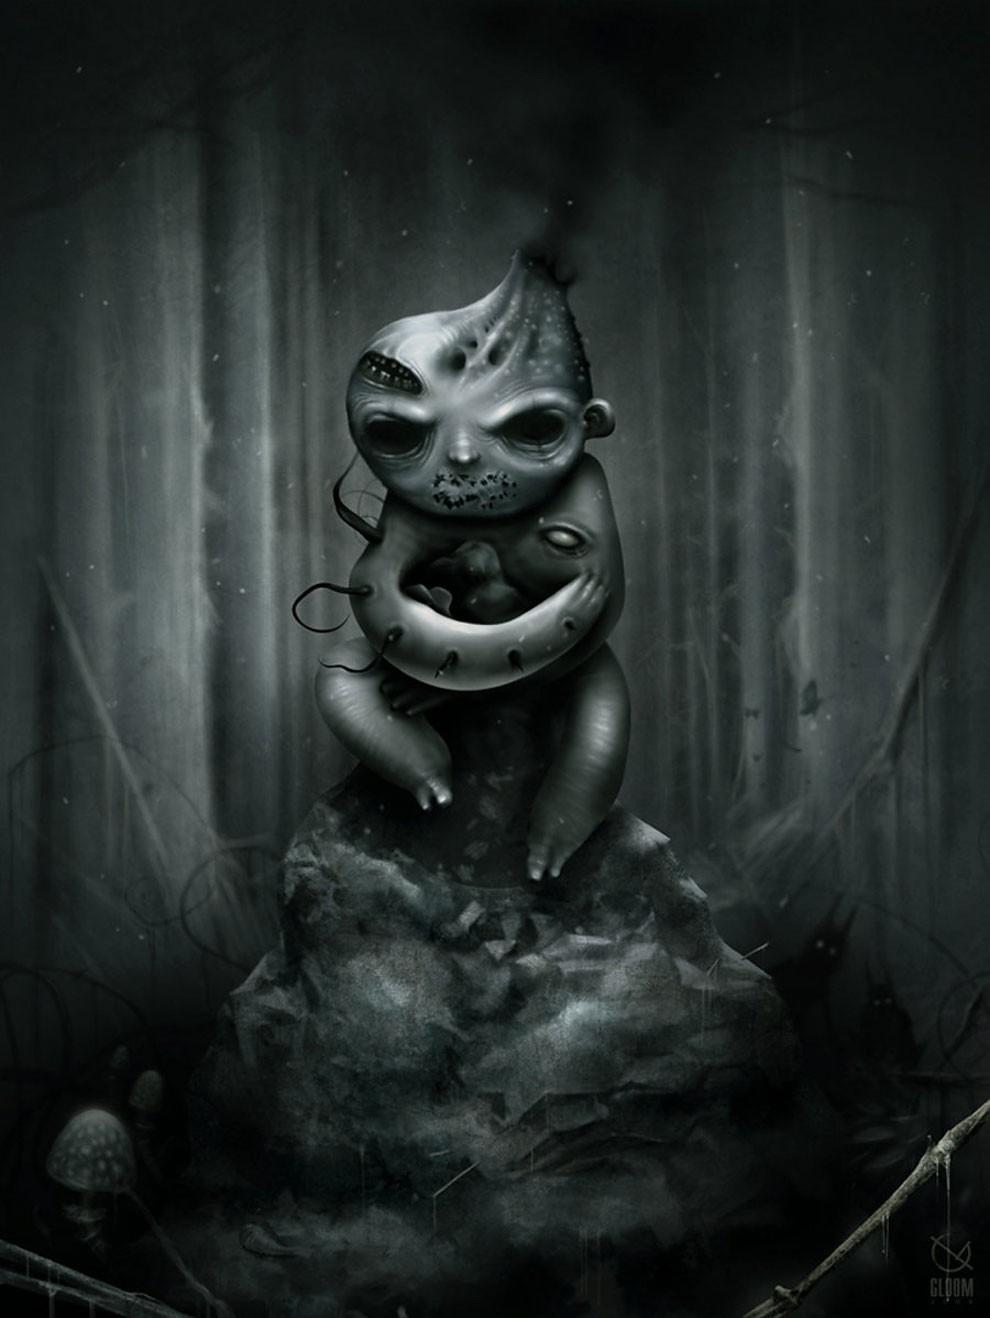 dipinti-cupi-spaventosi-anton-semenov-07